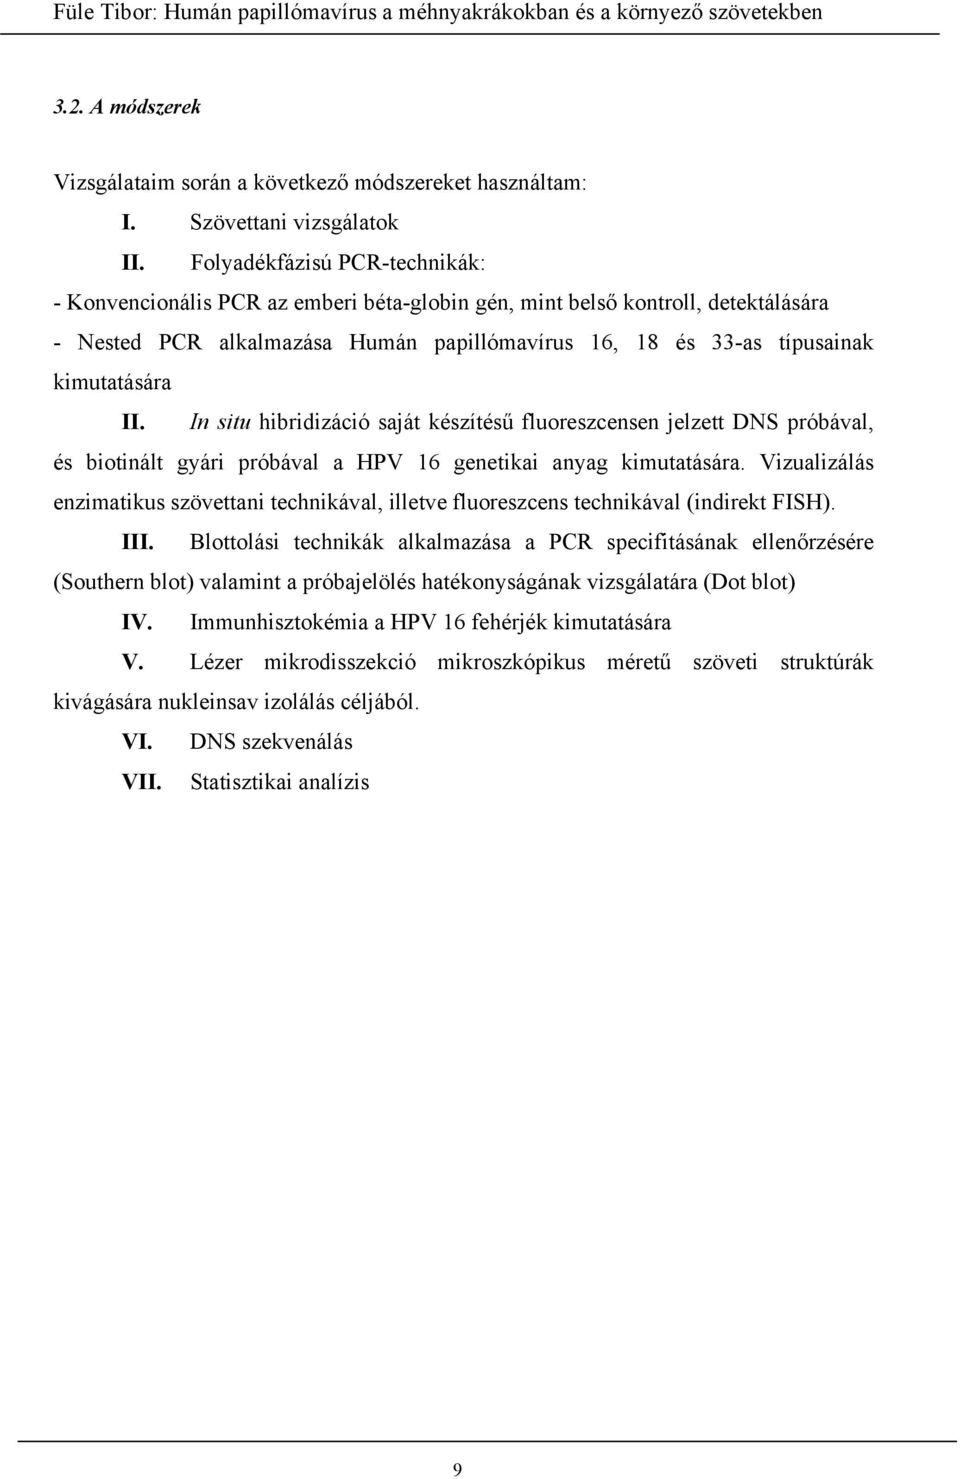 emberi papillomavírus fertőzés érdekes tények)